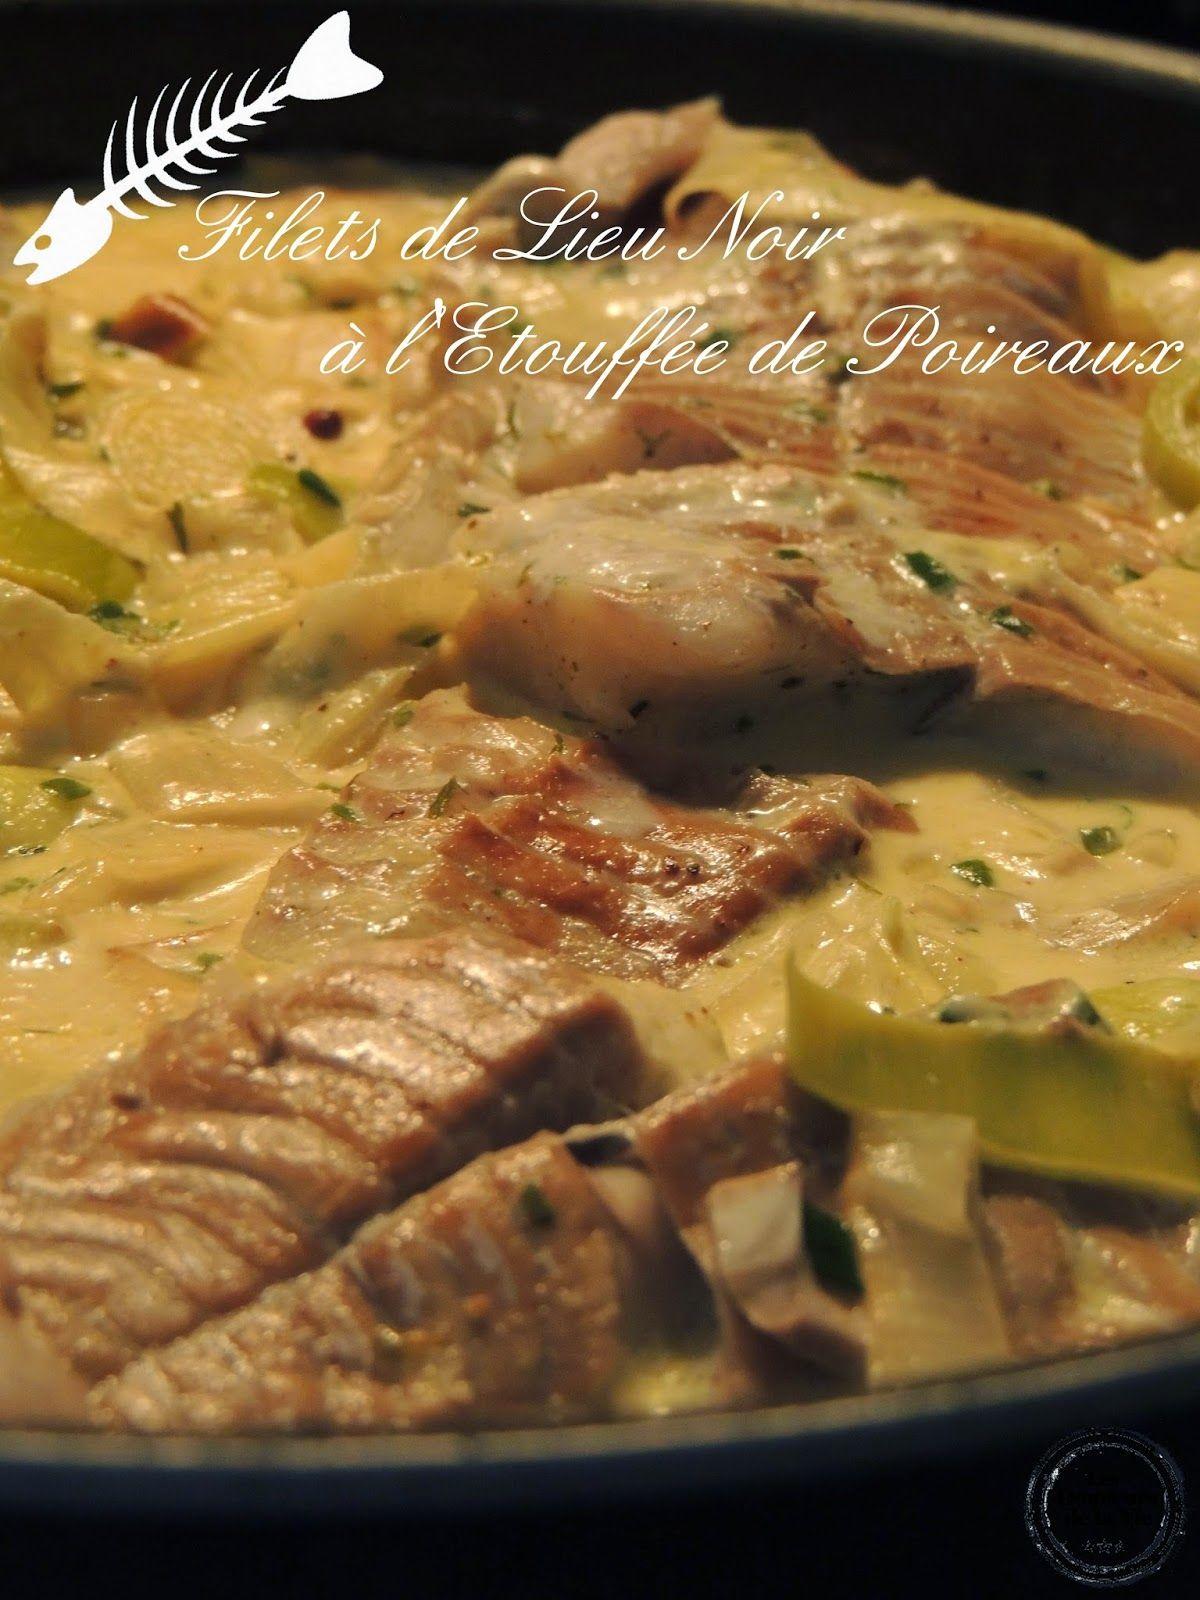 recette de cuisine poisson du lieu noir un site culinaire populaire avec des recettes utiles. Black Bedroom Furniture Sets. Home Design Ideas